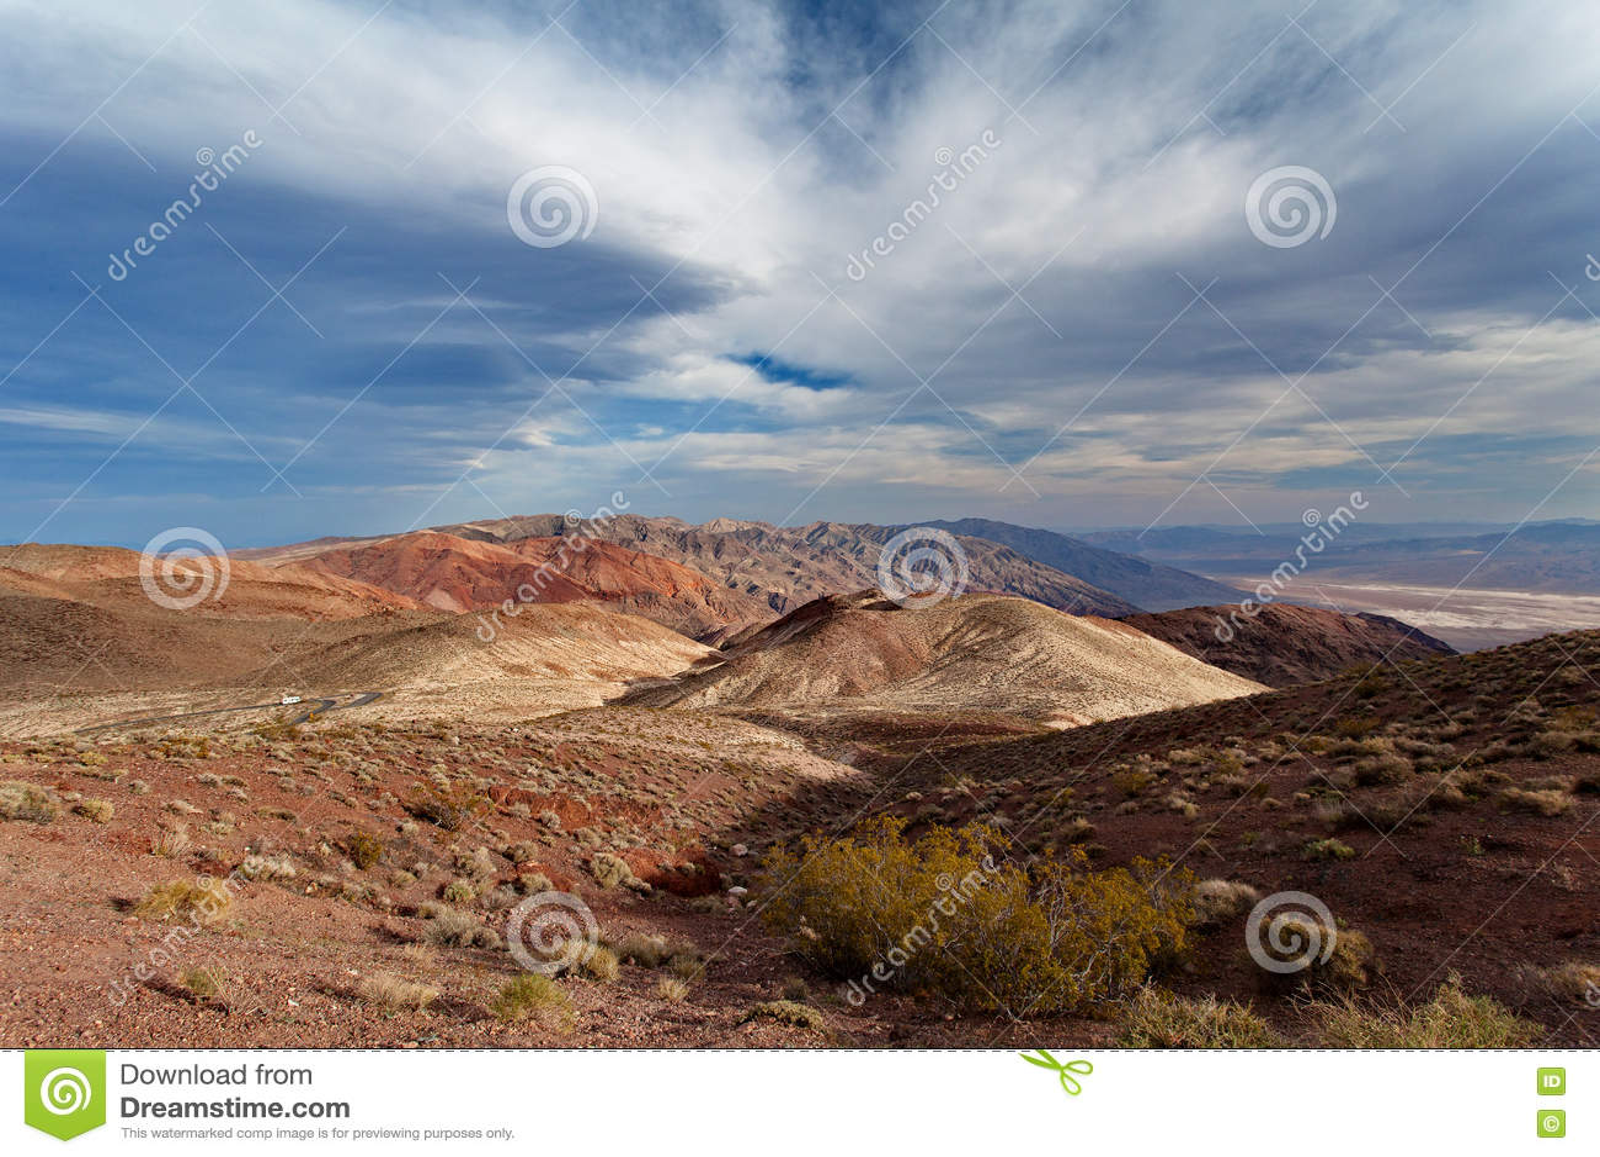 Dante& x27; s-Ansicht bei Sonnenuntergang - Nationalpark Death Valley